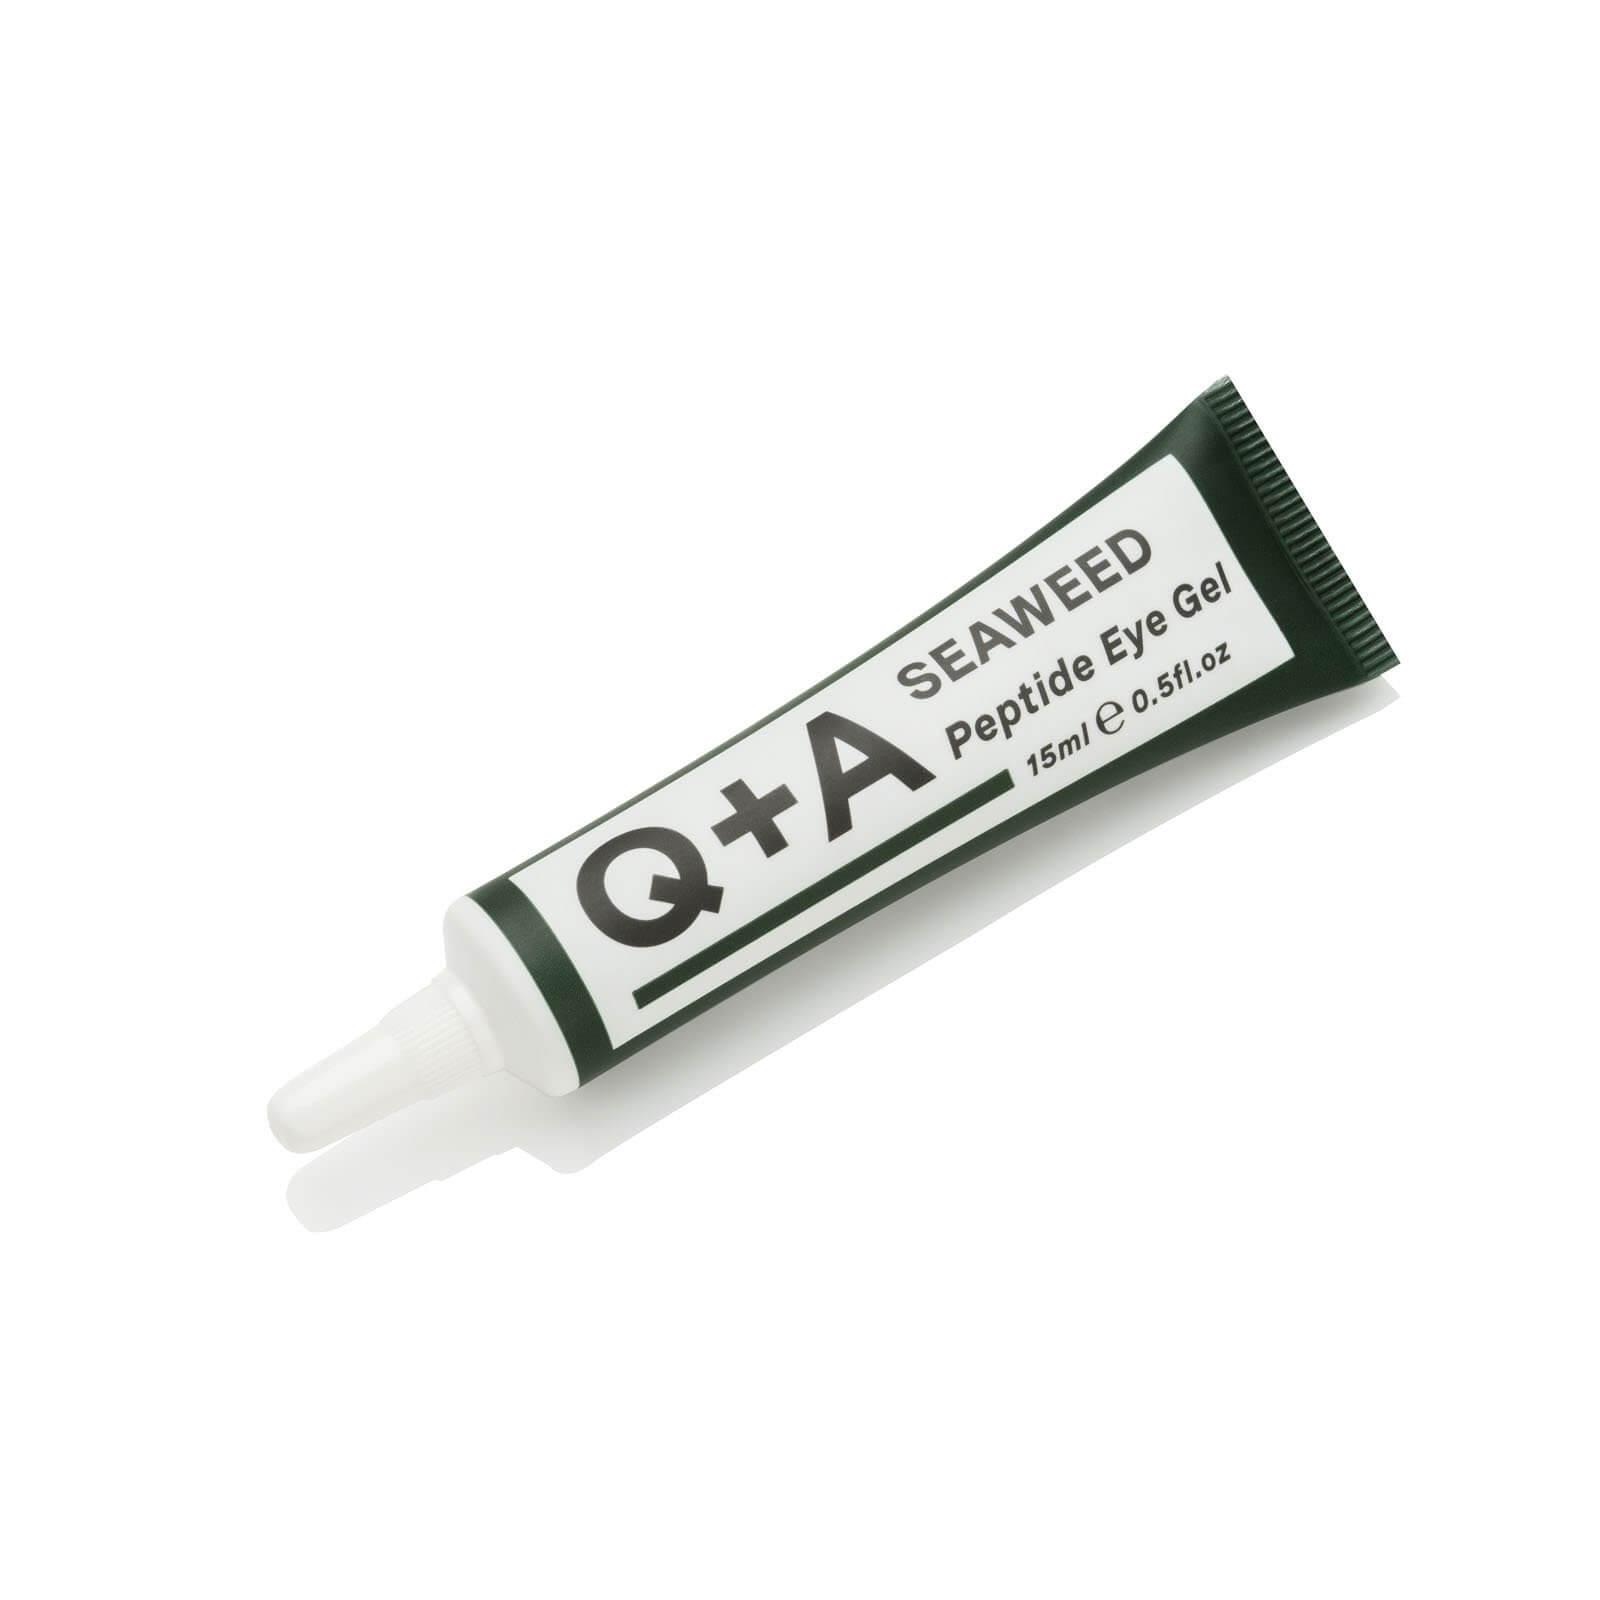 Гель для зони навколо очей з пептидами Q+A Seaweed Peptide Eye Gel